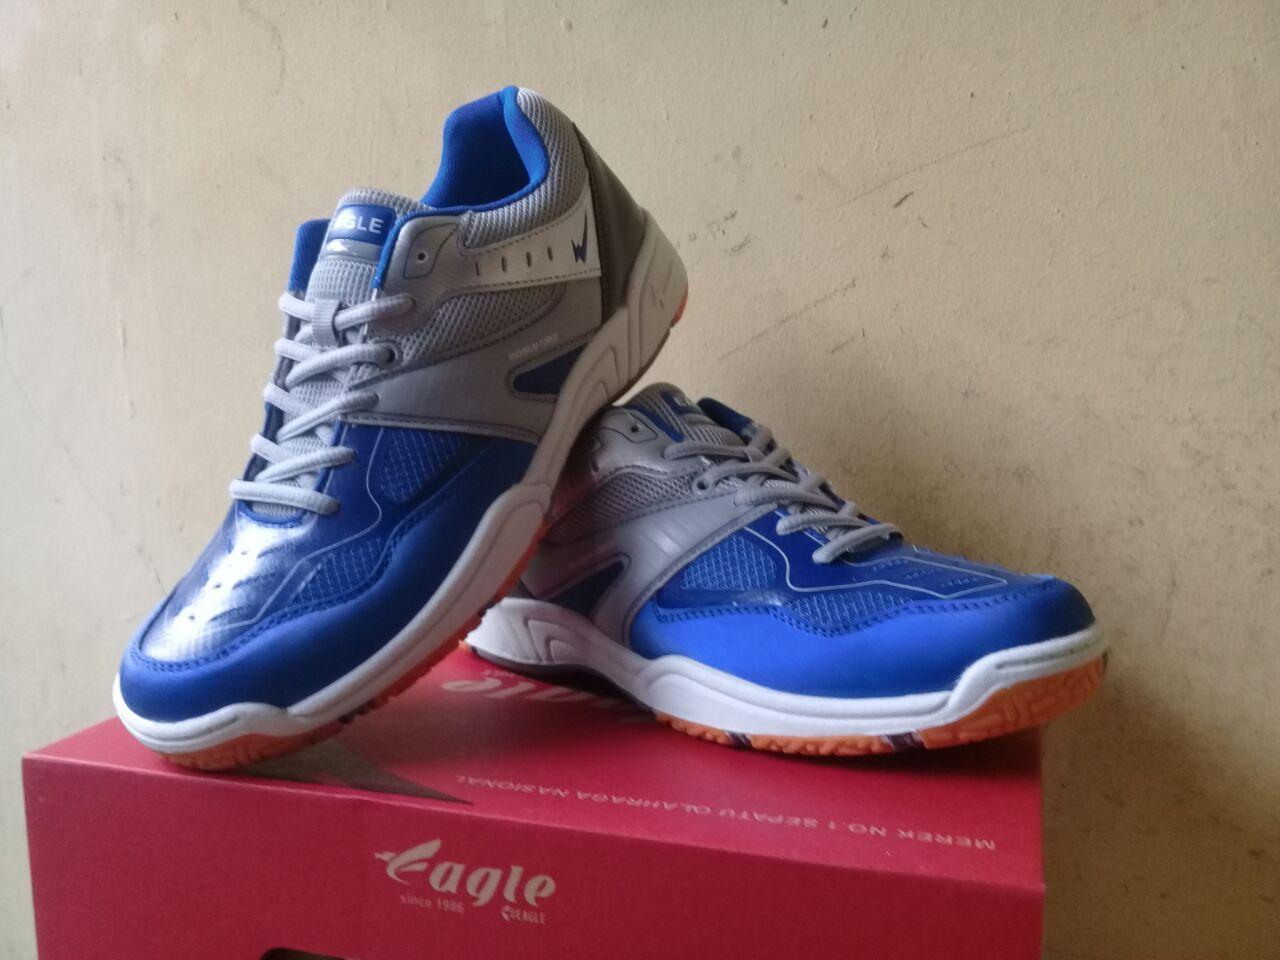 Jual Sepatu Eagle Murah Garansi Dan Berkualitas Id Store Jasmine Running Wanita Blue Citroen 41 Badminton Sparrowidr249900 Rp 249900